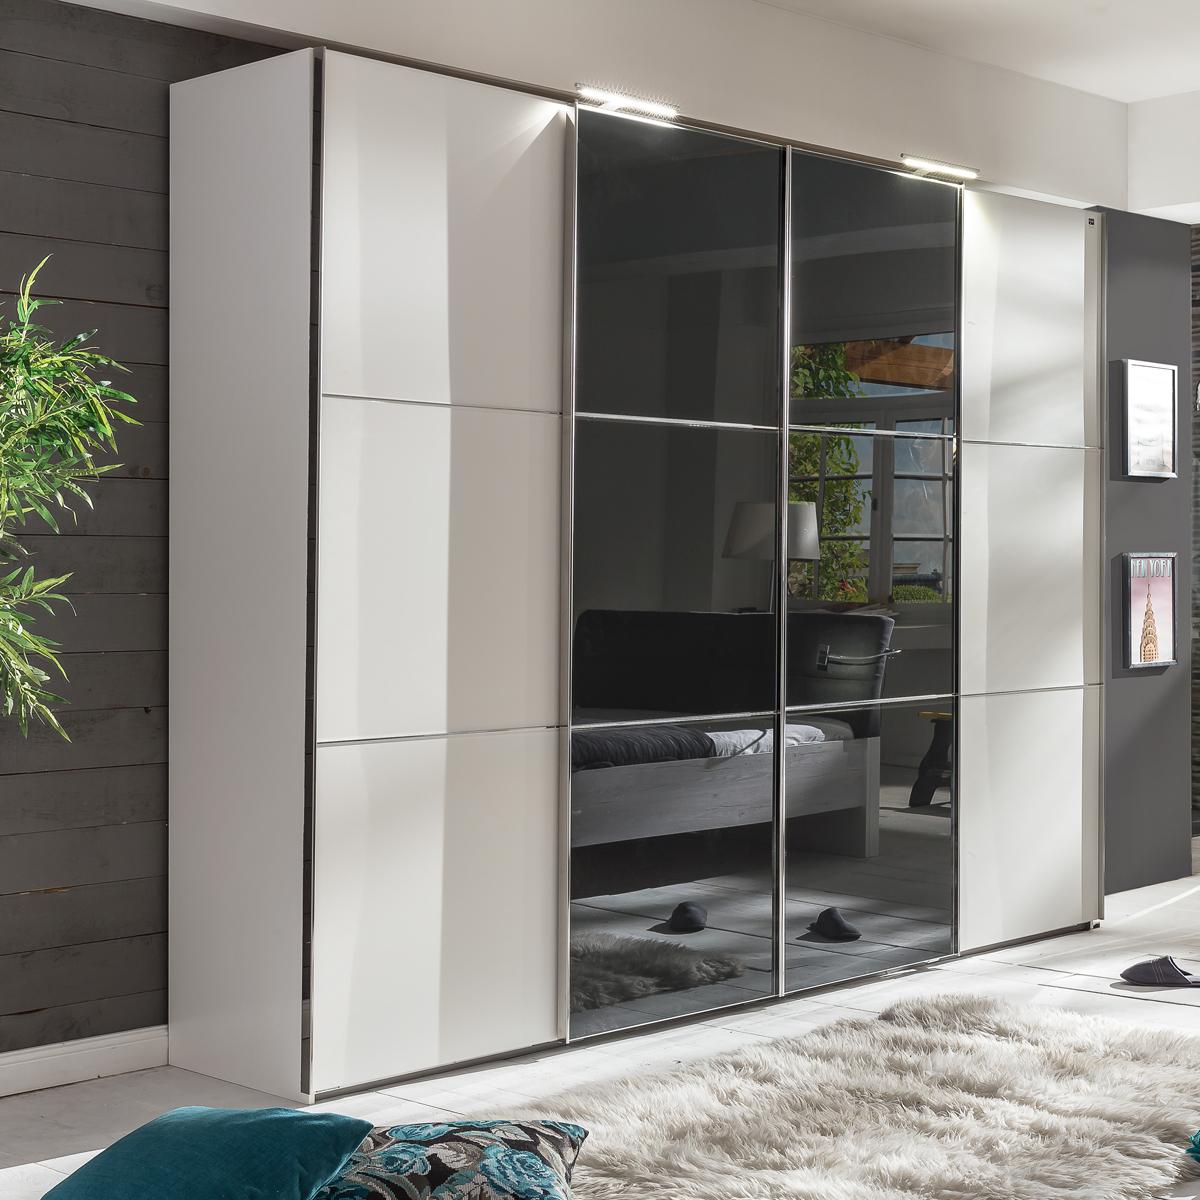 schwebet renschrank escape alpinwei kleiderschrank mit glasfront grau 300 cm ebay. Black Bedroom Furniture Sets. Home Design Ideas